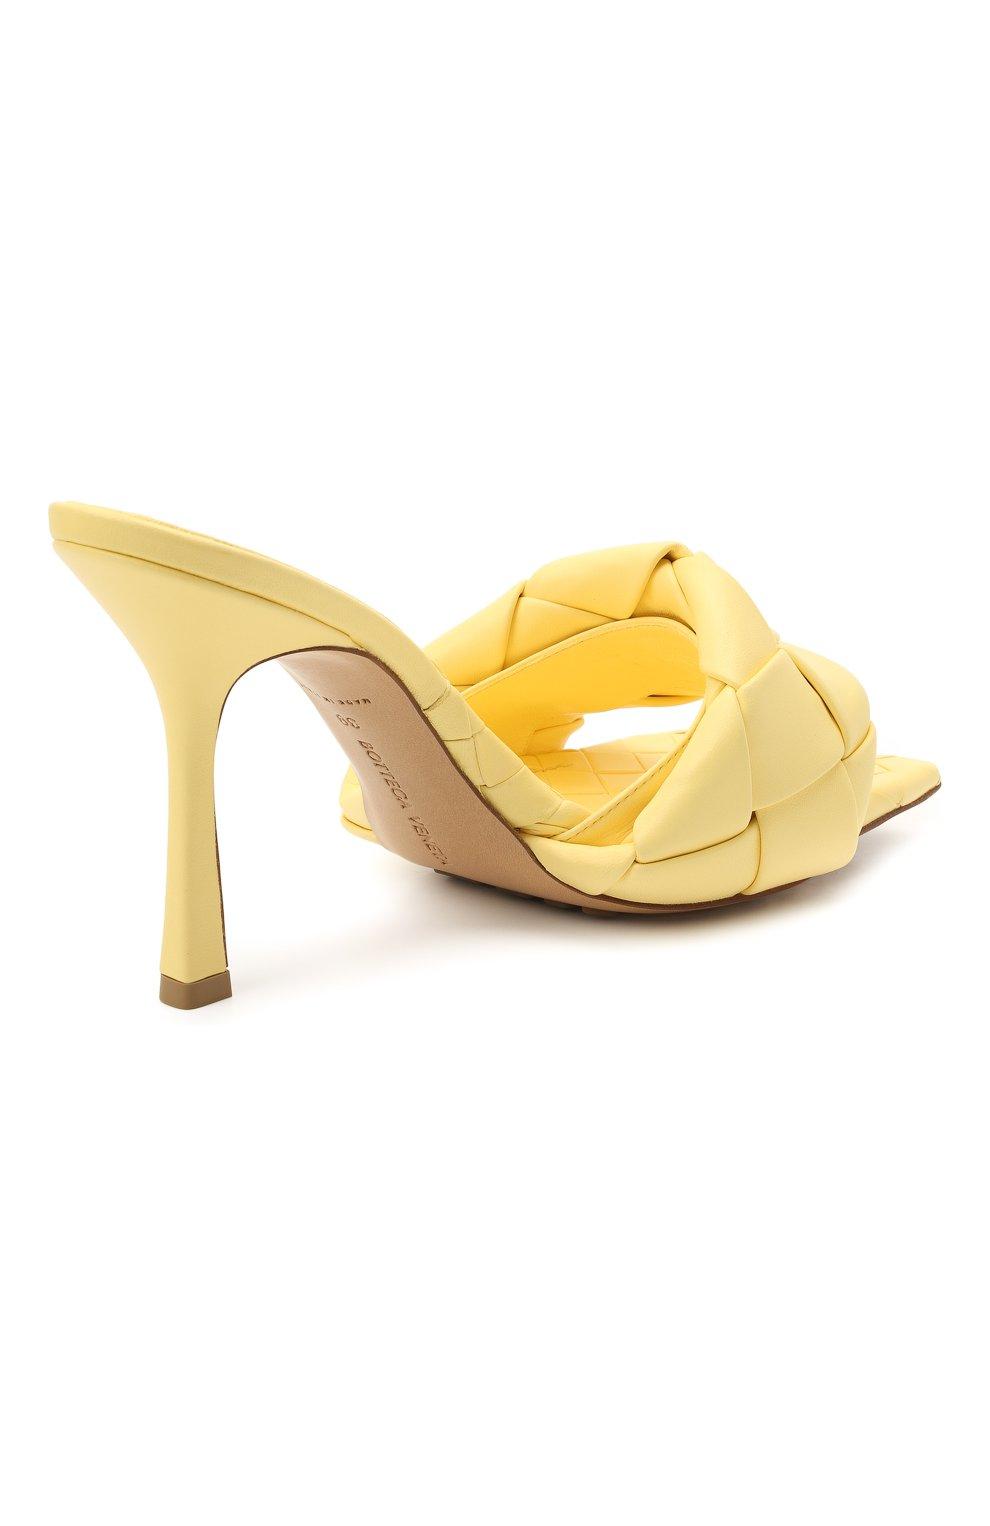 Женские кожаные мюли lido BOTTEGA VENETA желтого цвета, арт. 608854/VBSS0 | Фото 4 (Каблук высота: Высокий; Материал внутренний: Натуральная кожа; Каблук тип: Шпилька; Подошва: Плоская)